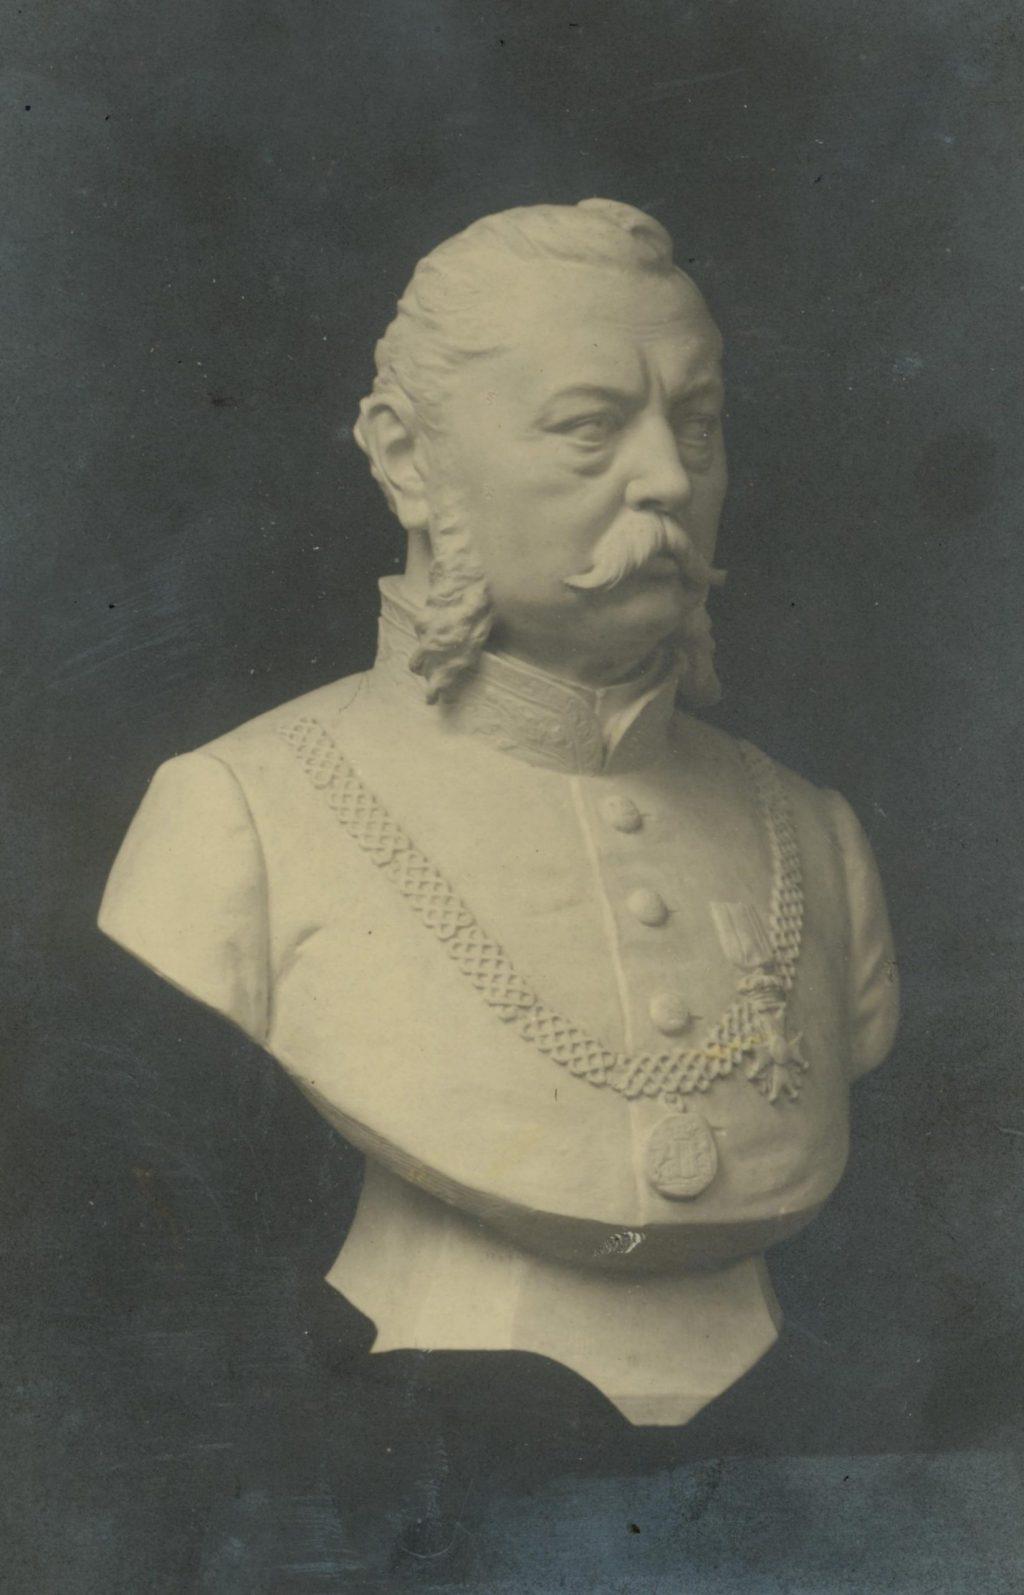 Buste van F.M. de Vries van Heijst, burgemeester van Delft van 1872 tot 1910, foto F.C.F. Gräfe (TMS 80026)